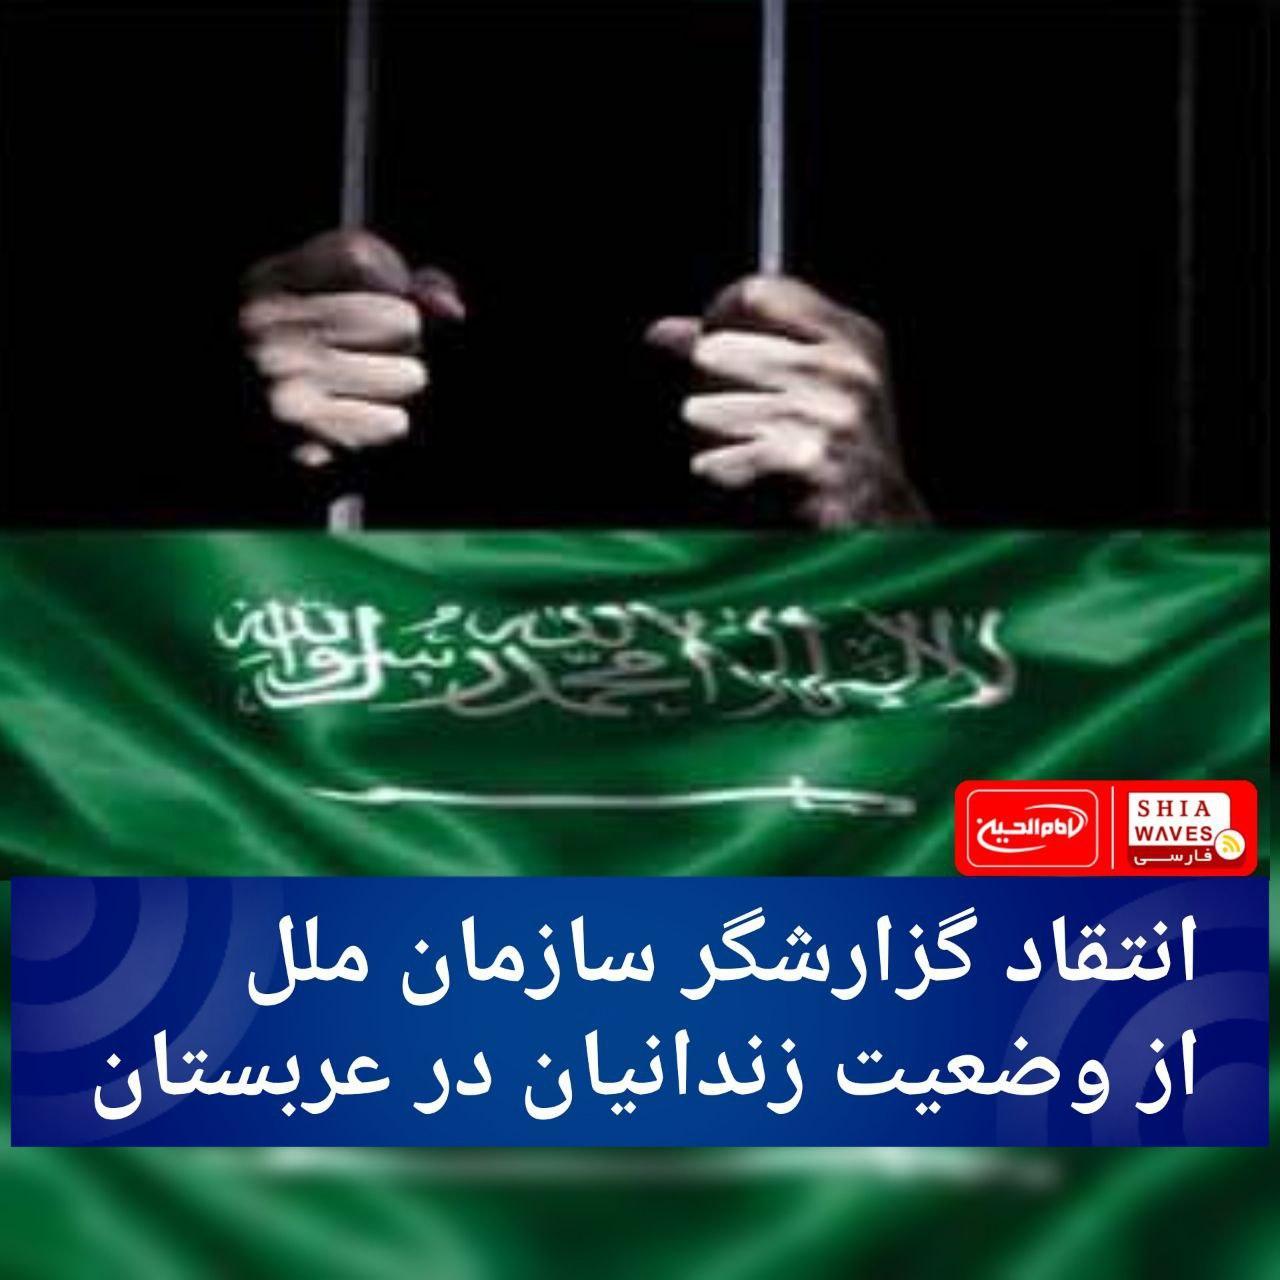 تصویر انتقاد گزارشگر سازمان ملل از وضعيت زندانيان در عربستان